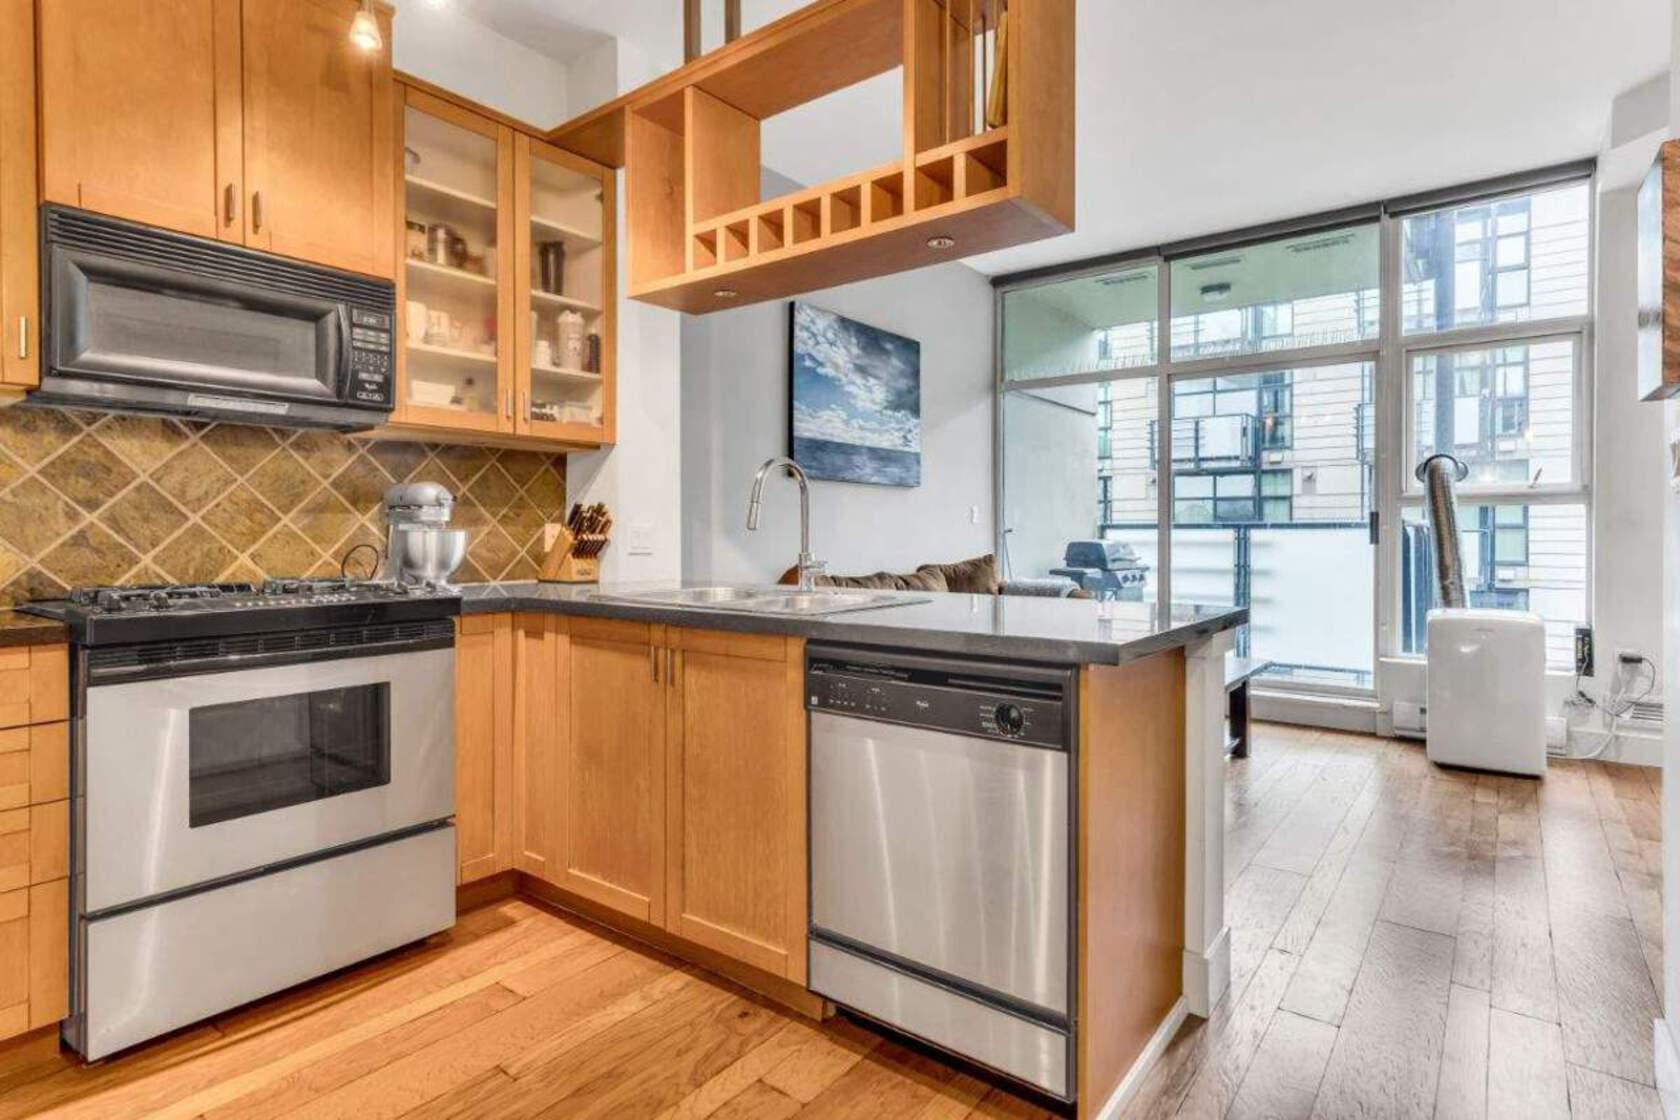 8988-hudson-street-marpole-vancouver-west-03 at 322 - 8988 Hudson Street, Marpole, Vancouver West